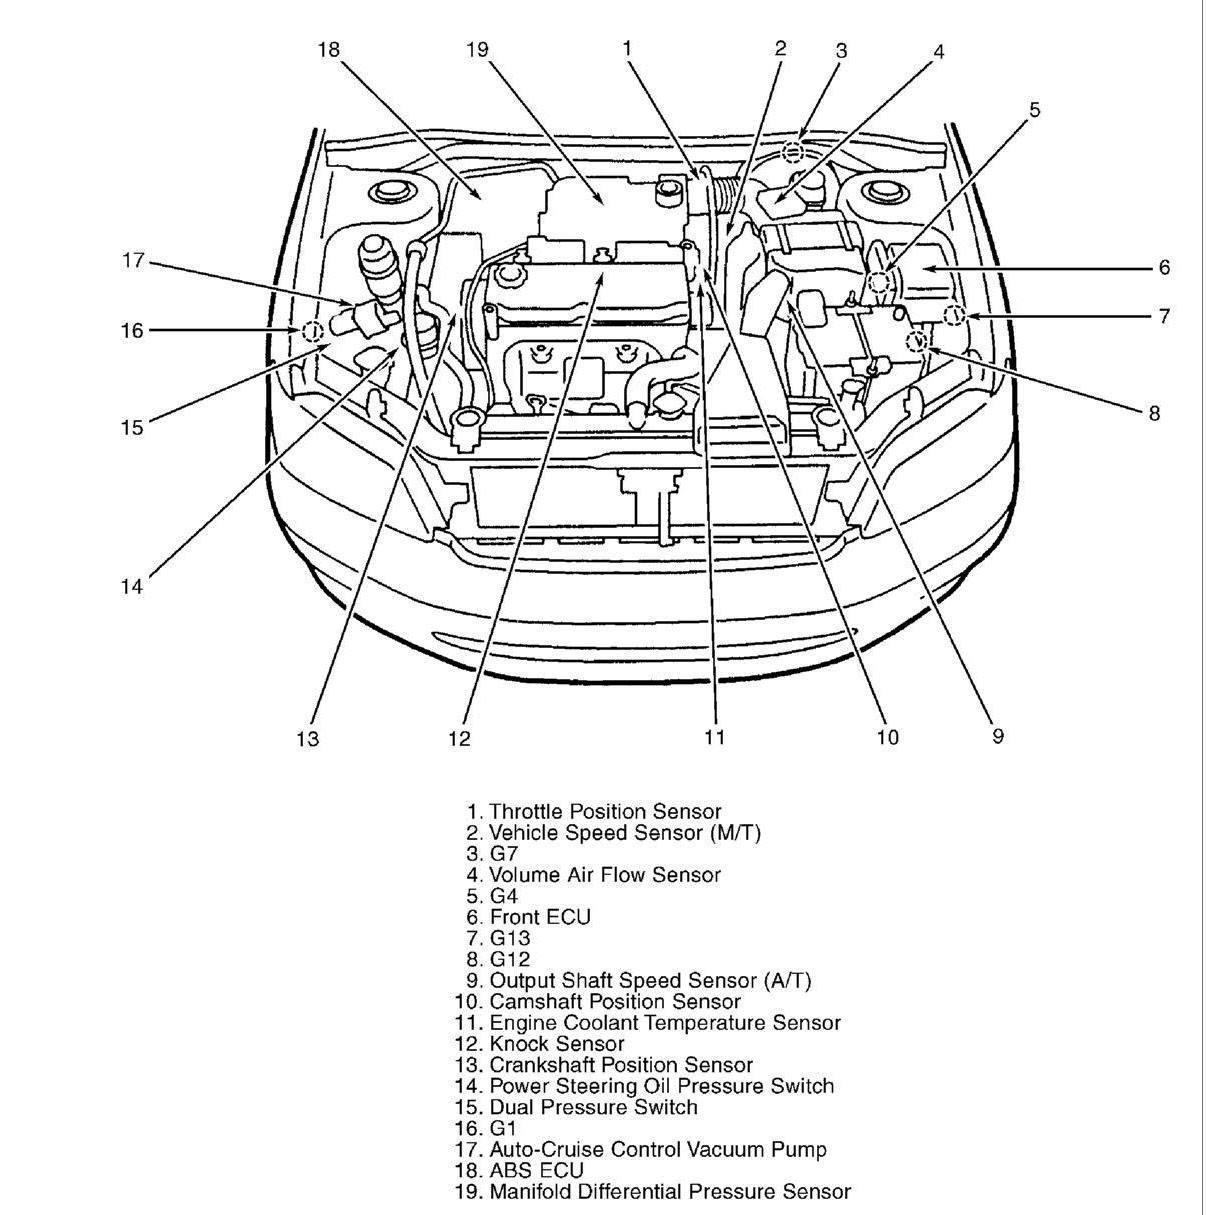 2003 Mitsubishi Lancer Engine Diagram